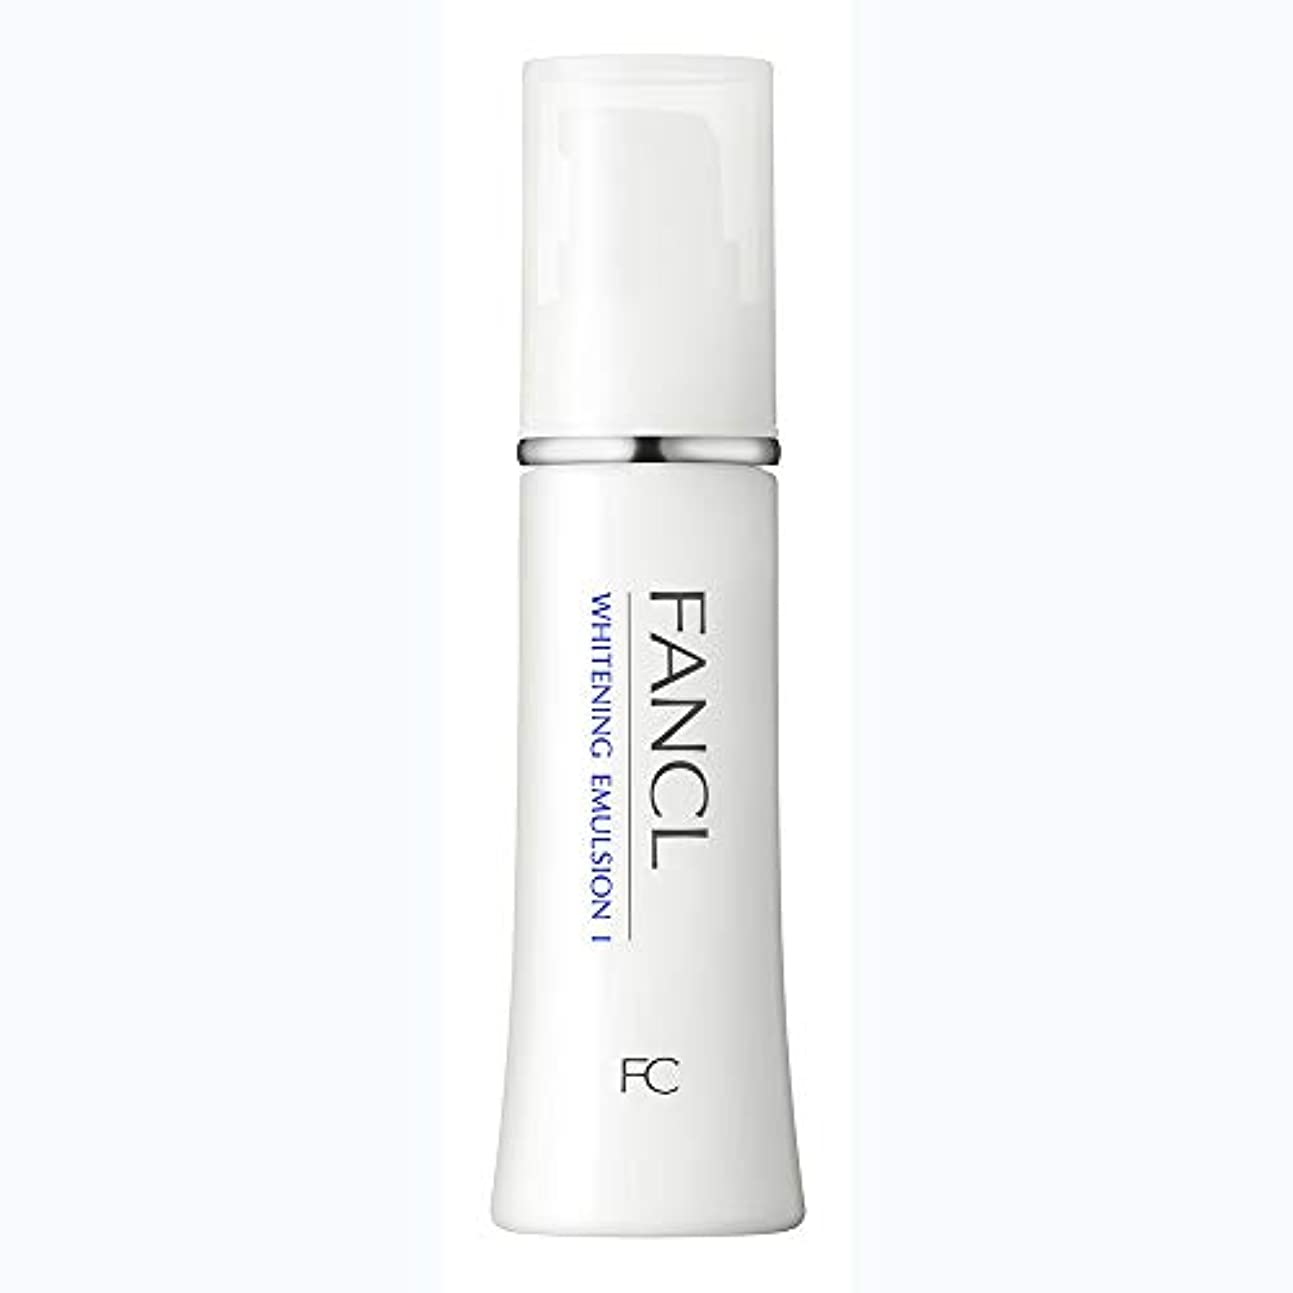 侵入するに向かってきらめきファンケル(FANCL) 新ホワイトニング 乳液 I さっぱり 1本 30mL<医薬部外品>